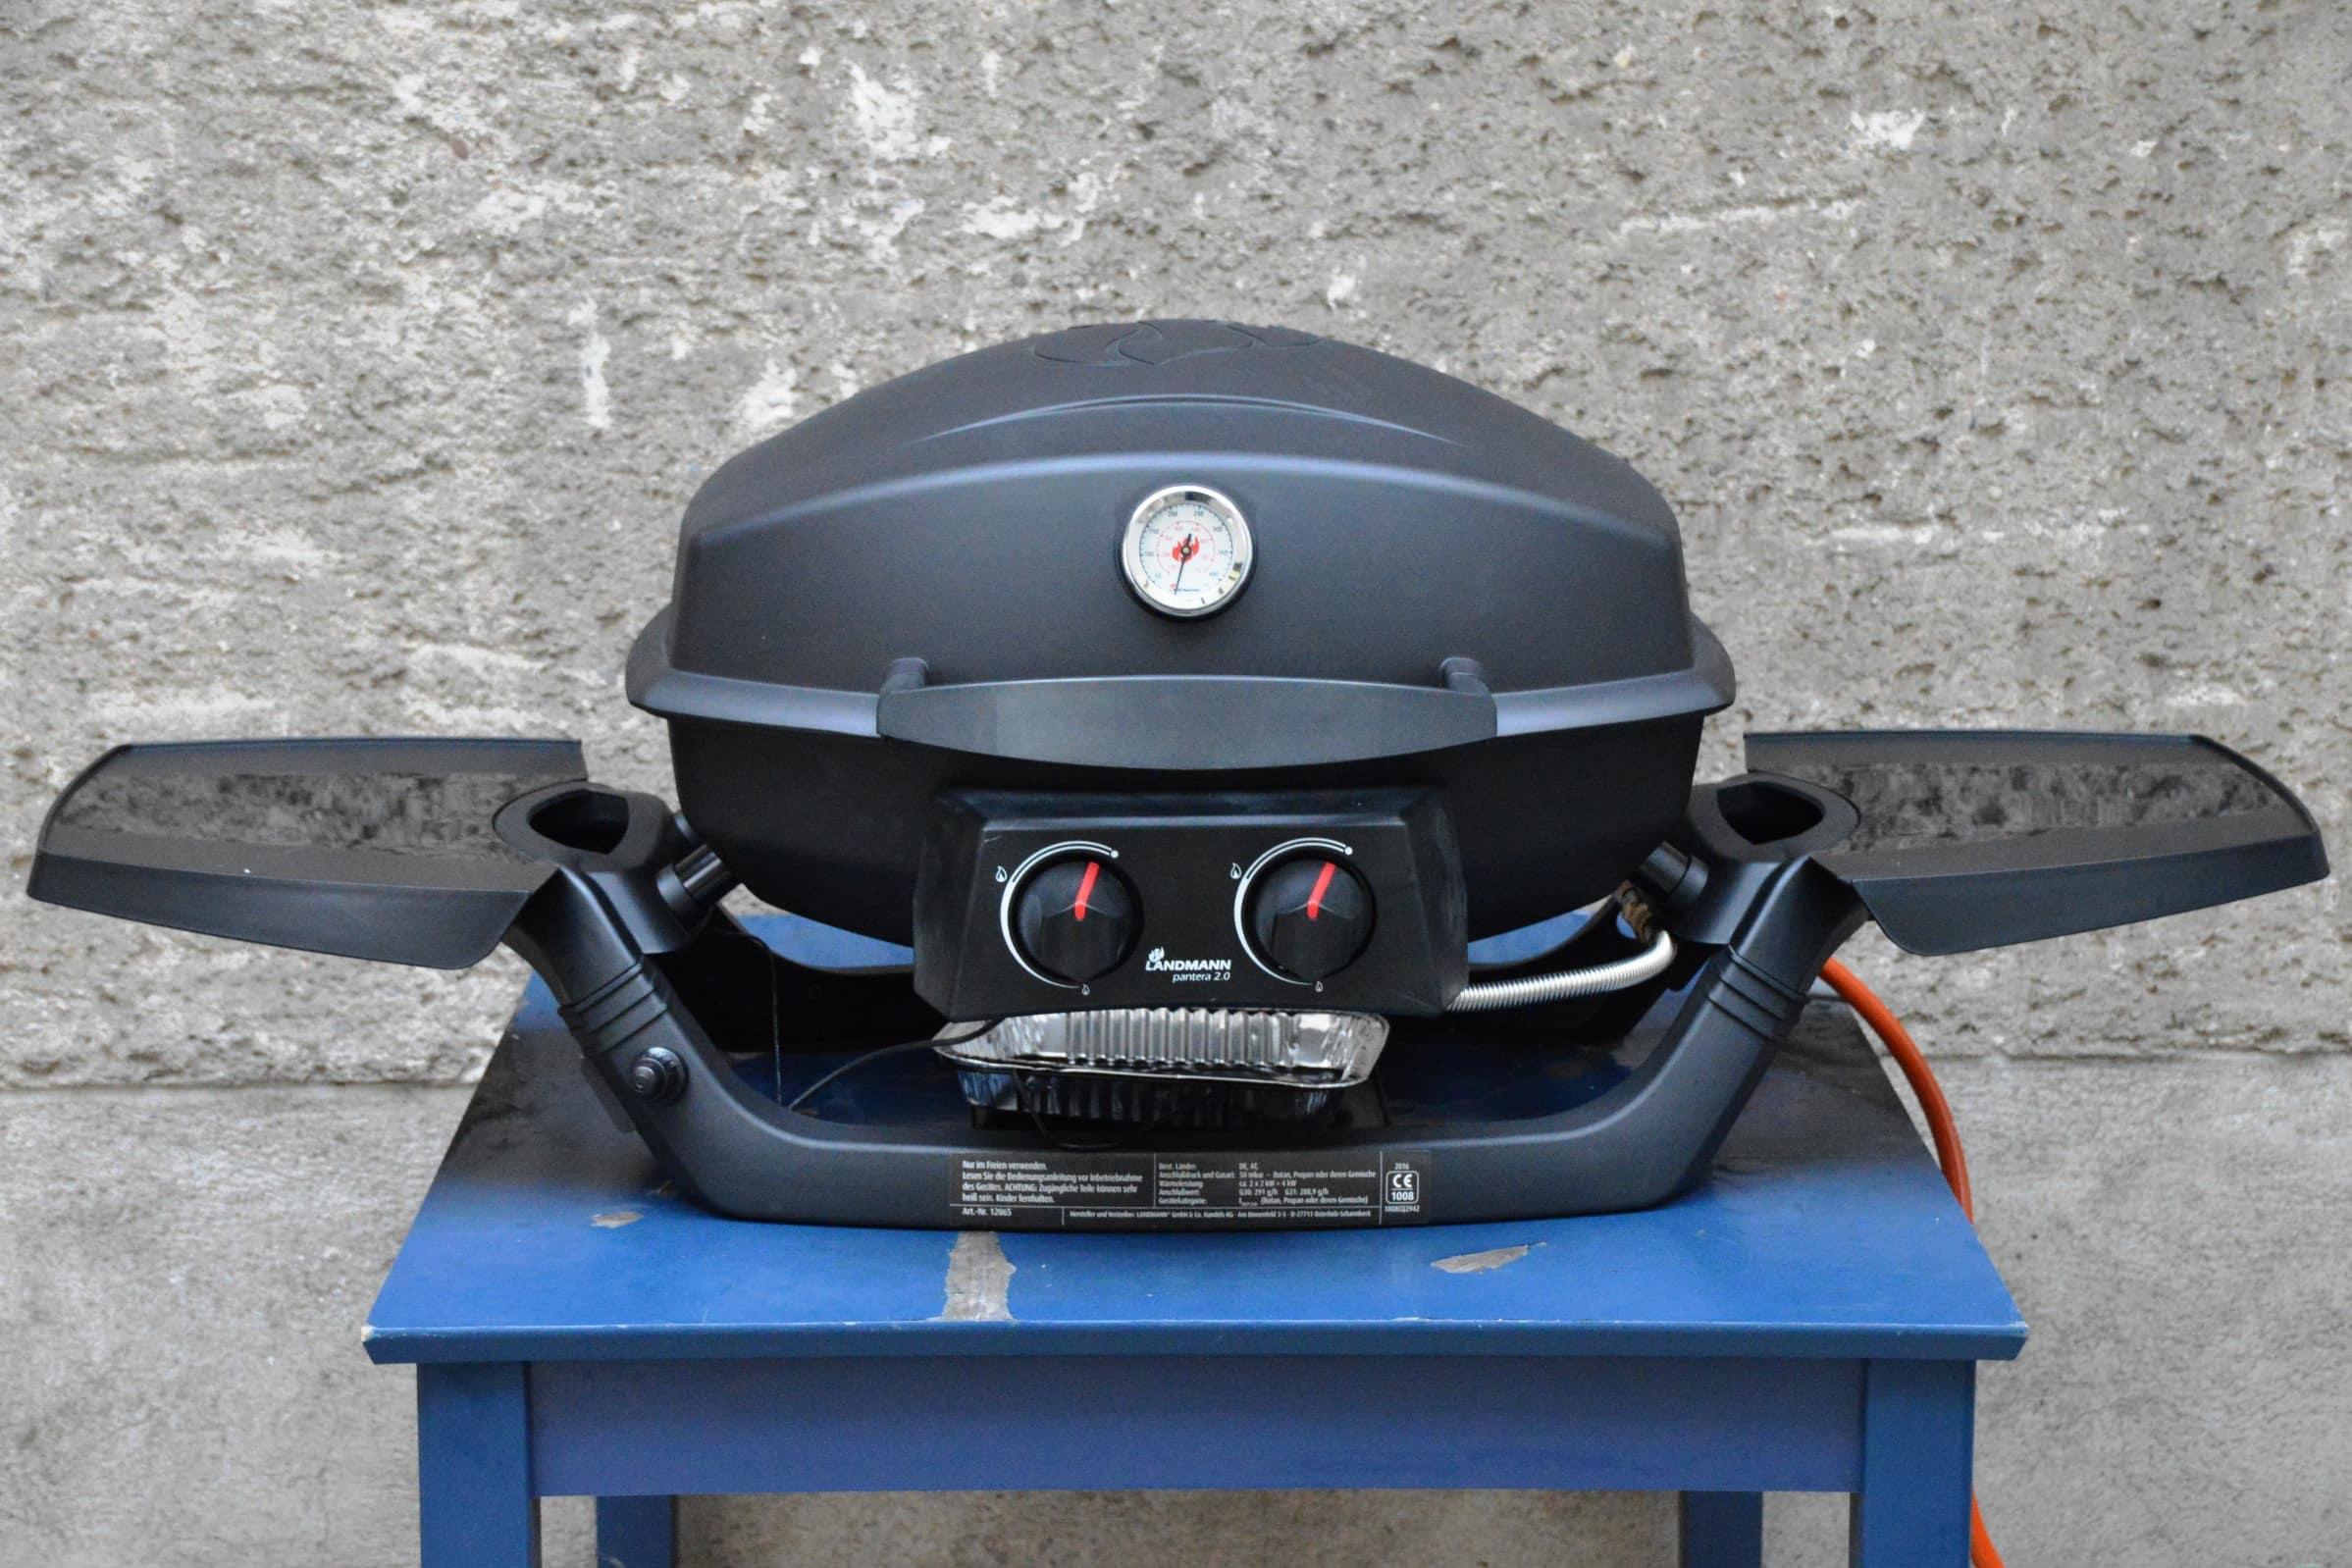 Landmann Gasgrill Im Test : Angegrillt: landmann pantera 2.0 im test bacon zum steak